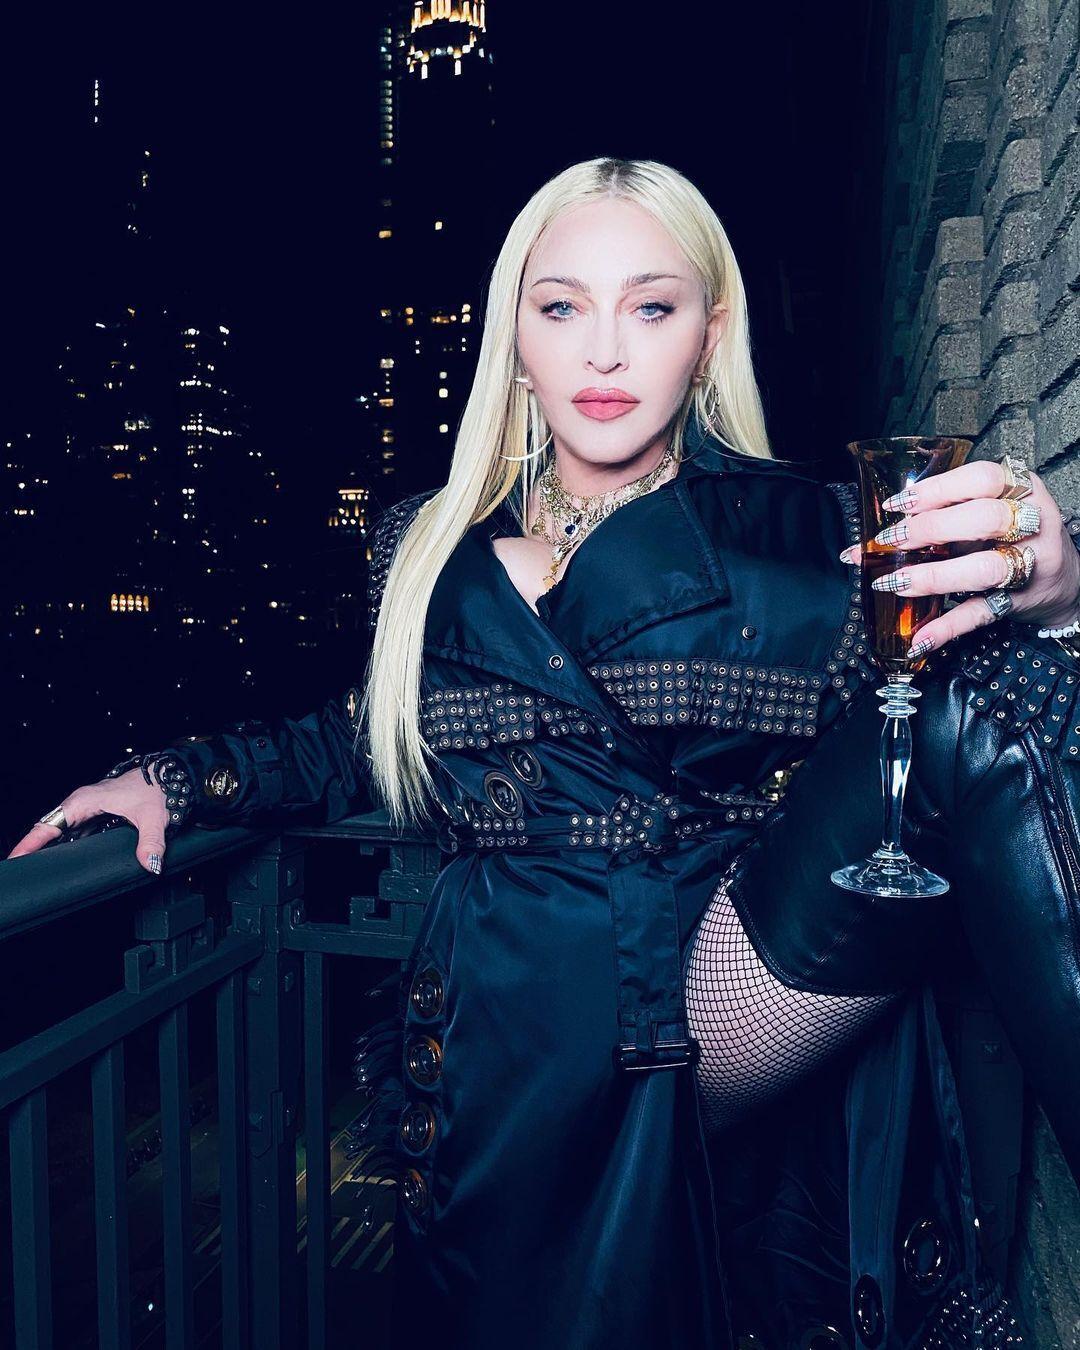 Мадонна позирует в стильном образе